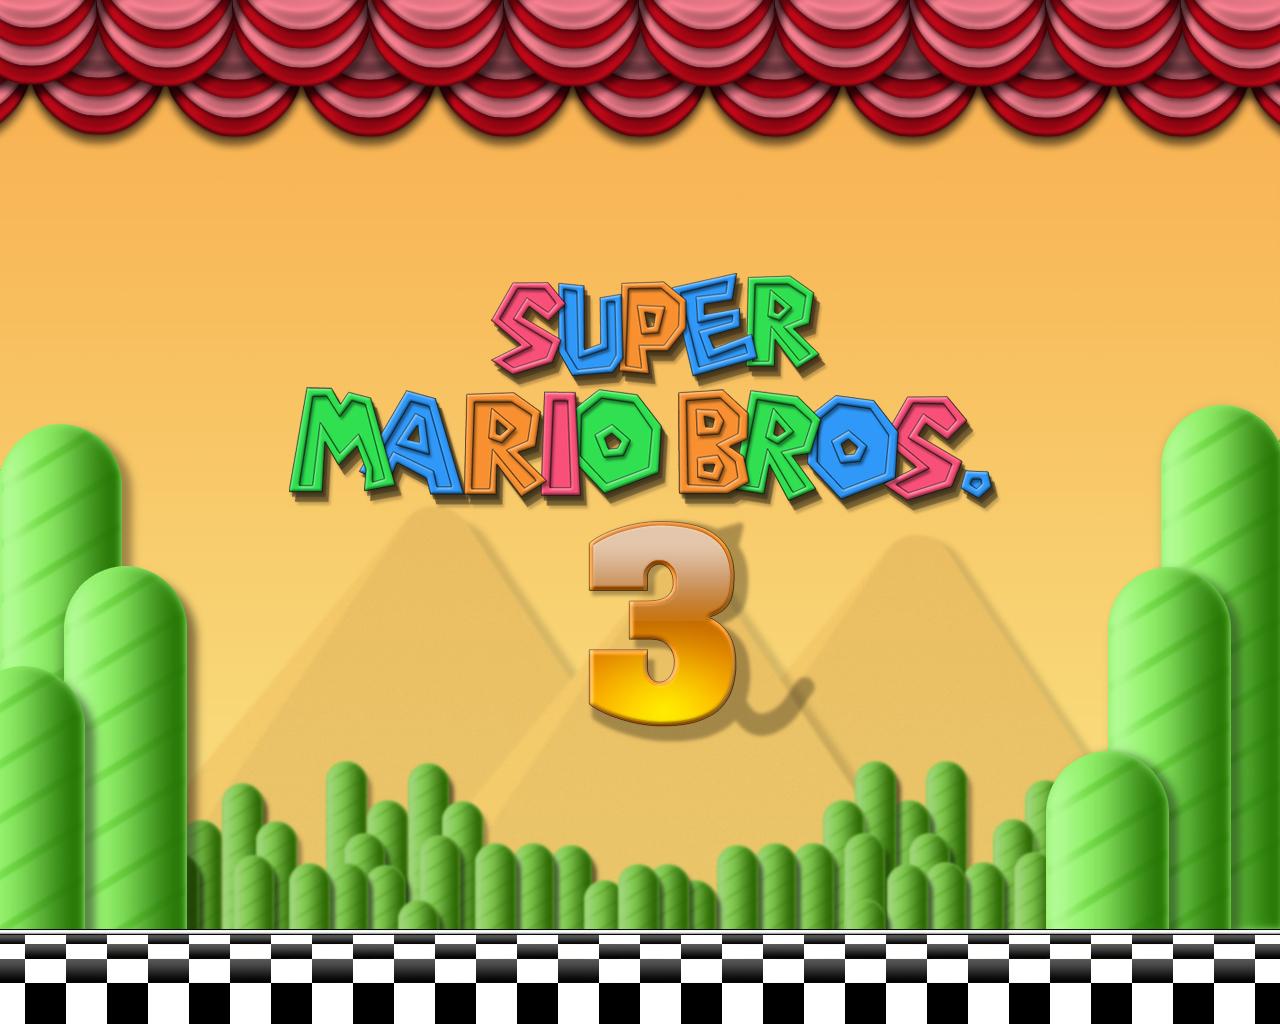 super mario bros 3 online